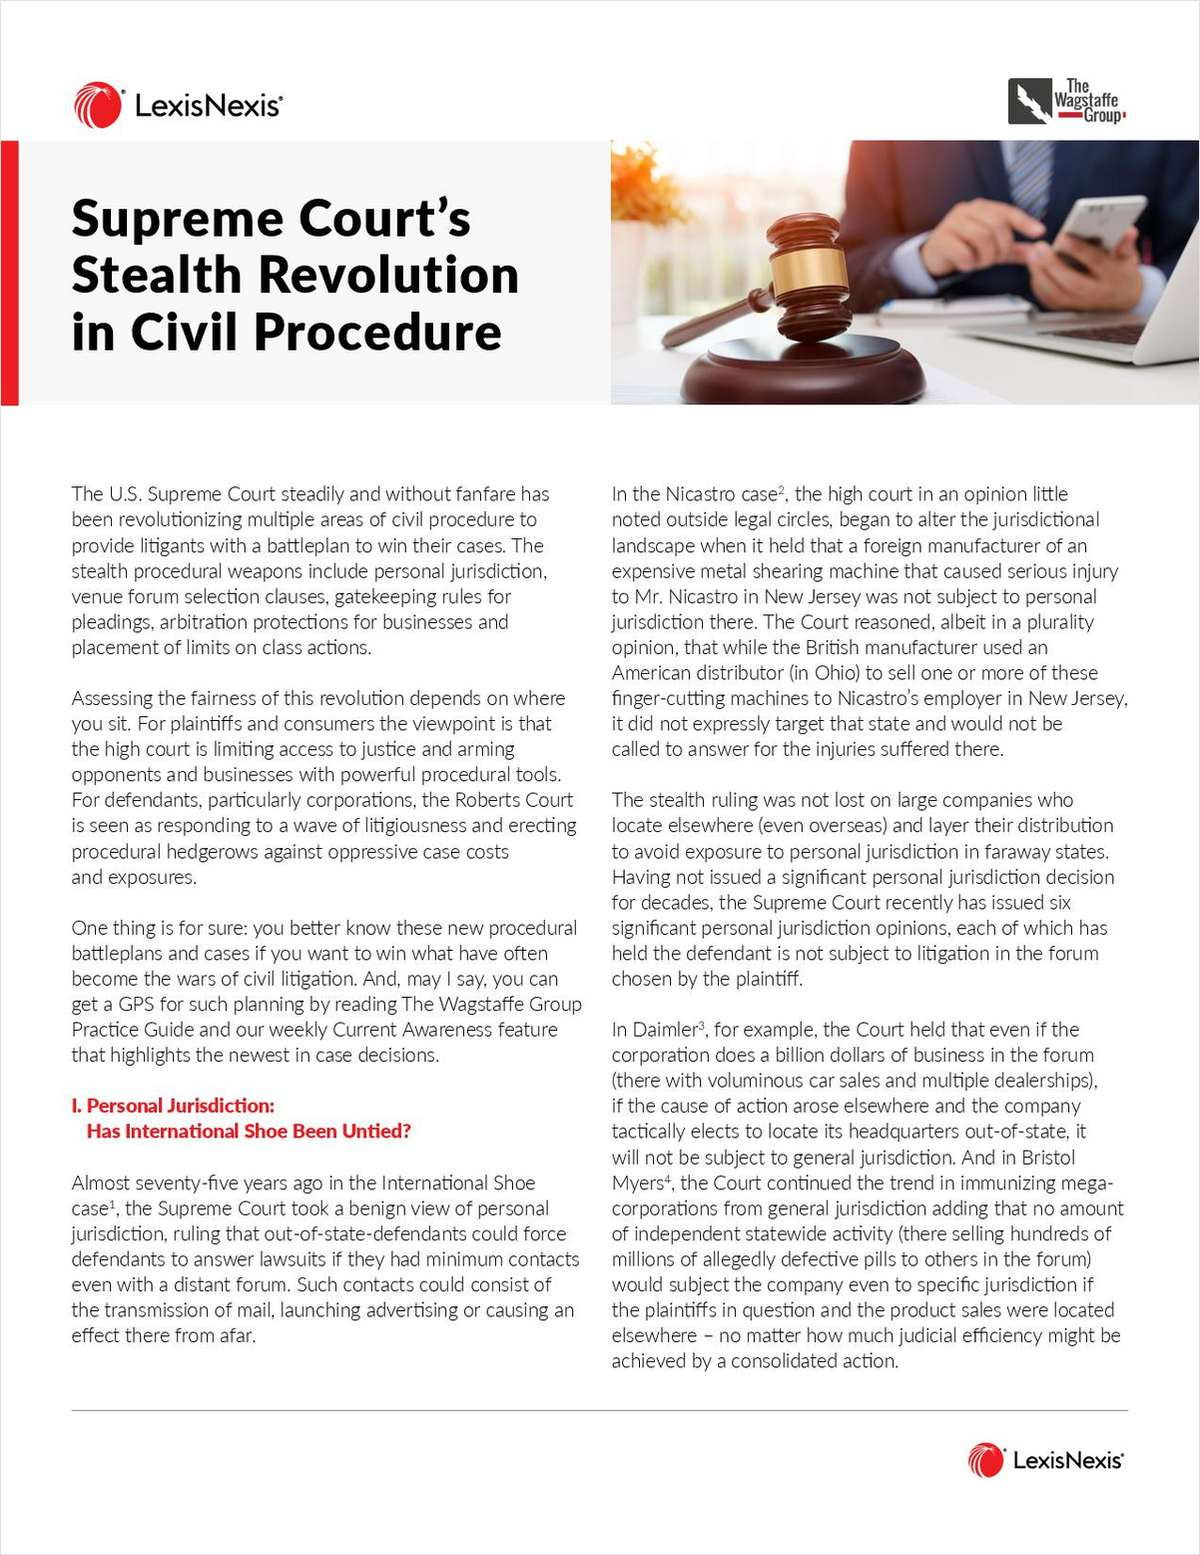 The Supreme Court's Stealth Revolution in Civil Procedure Free Article